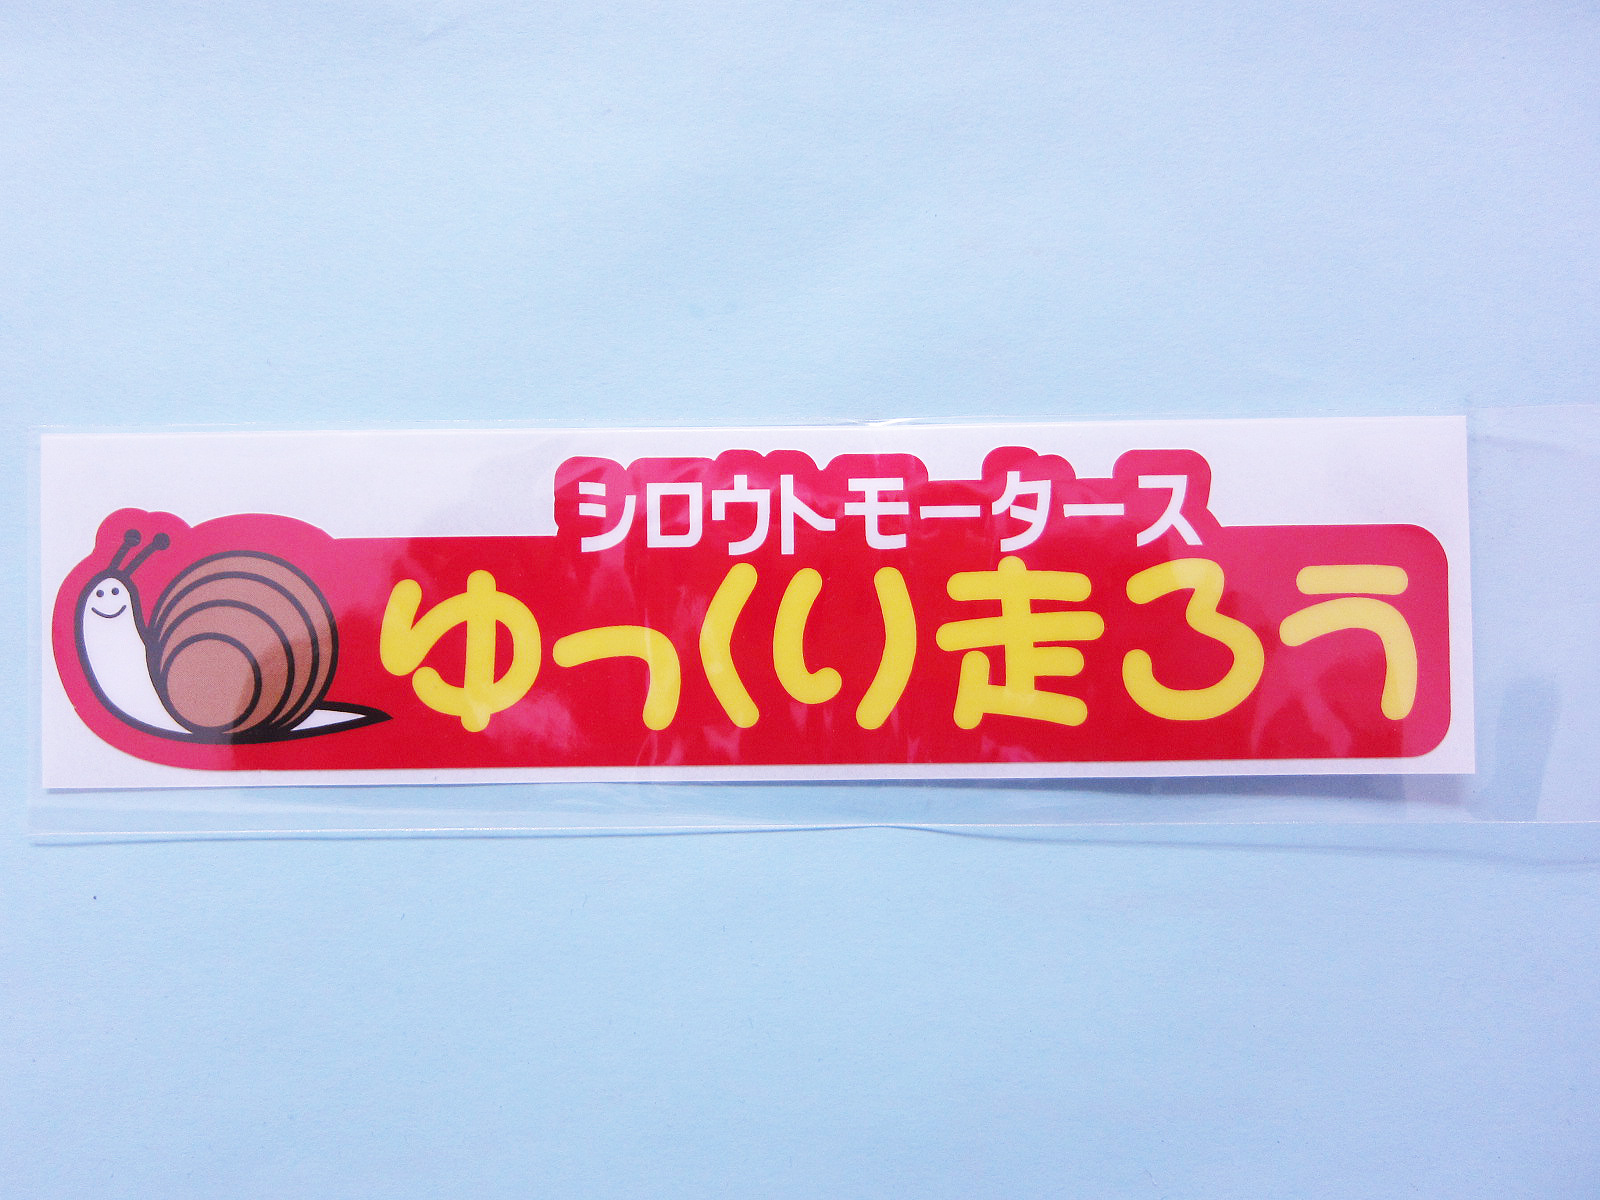 シロウトモータース★ゆっくり走ろうステッカー★RED